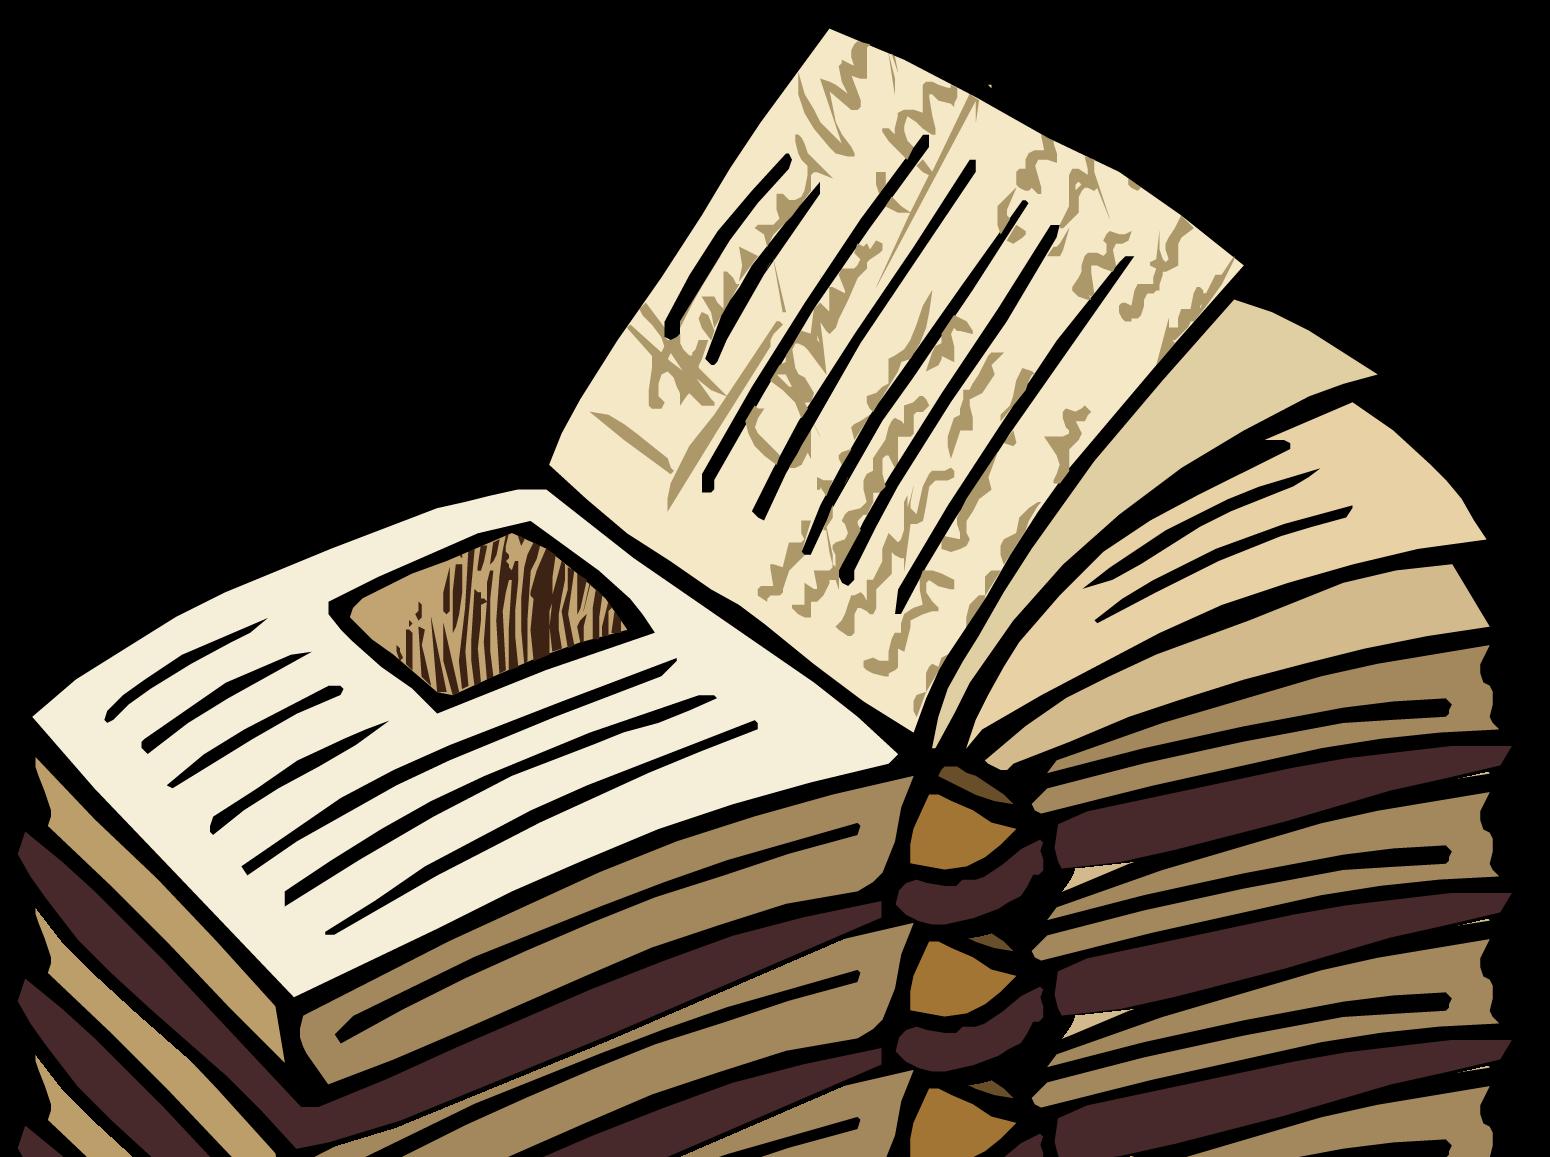 Open book clip art magic. Image png dumbledore s